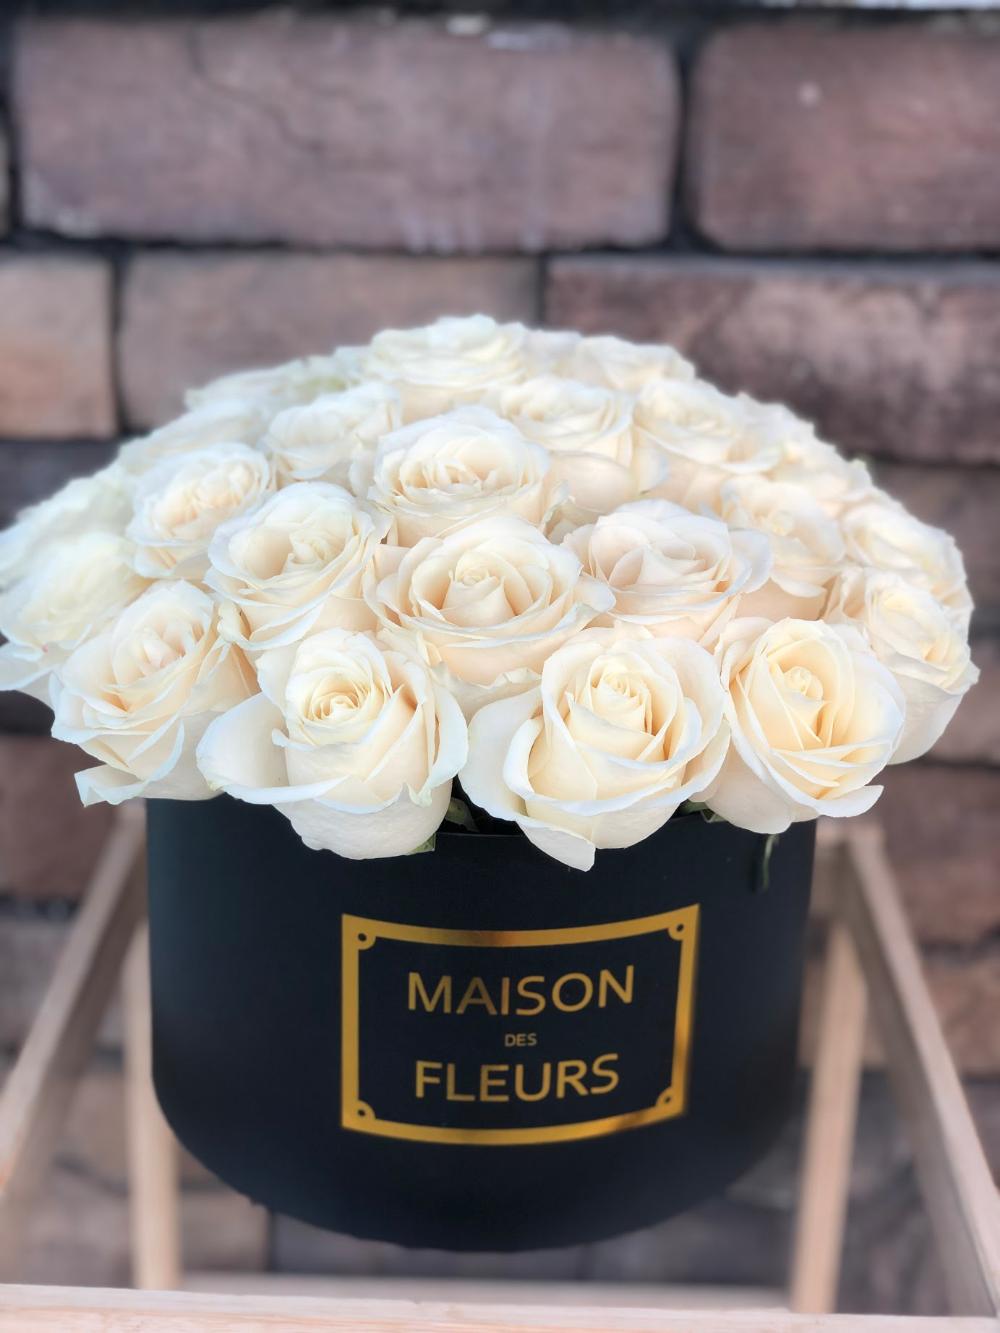 White roses in a black box. Flower White roses